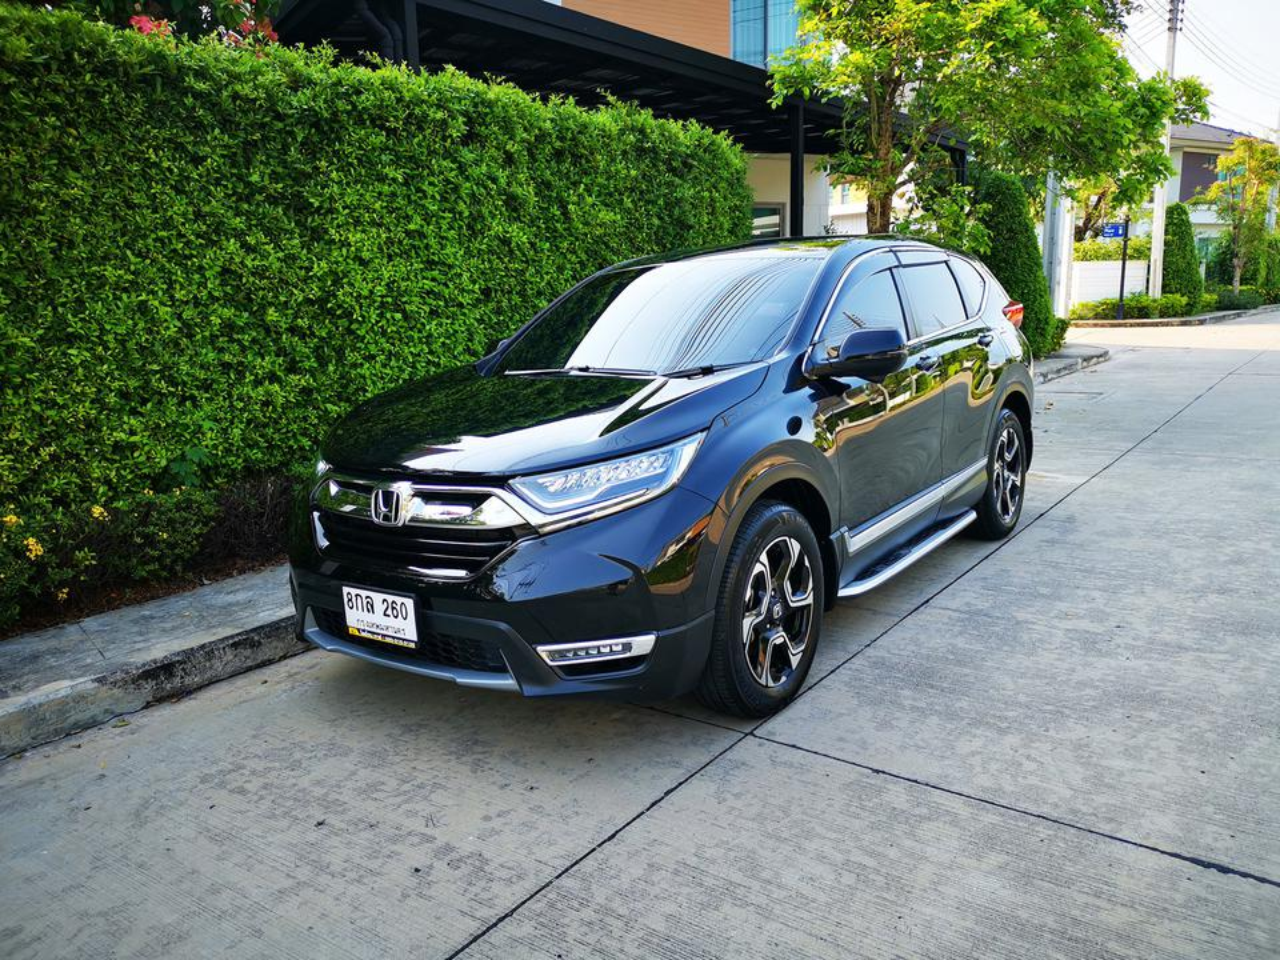 ขายรถ Honda CR-V 1.6 EL ปี 2019 สีดำ รุ่นท๊อปสุด เครื่องยนต์ดีเซล 4WD มือเดียว สภาพป้ายแดง รูปที่ 1